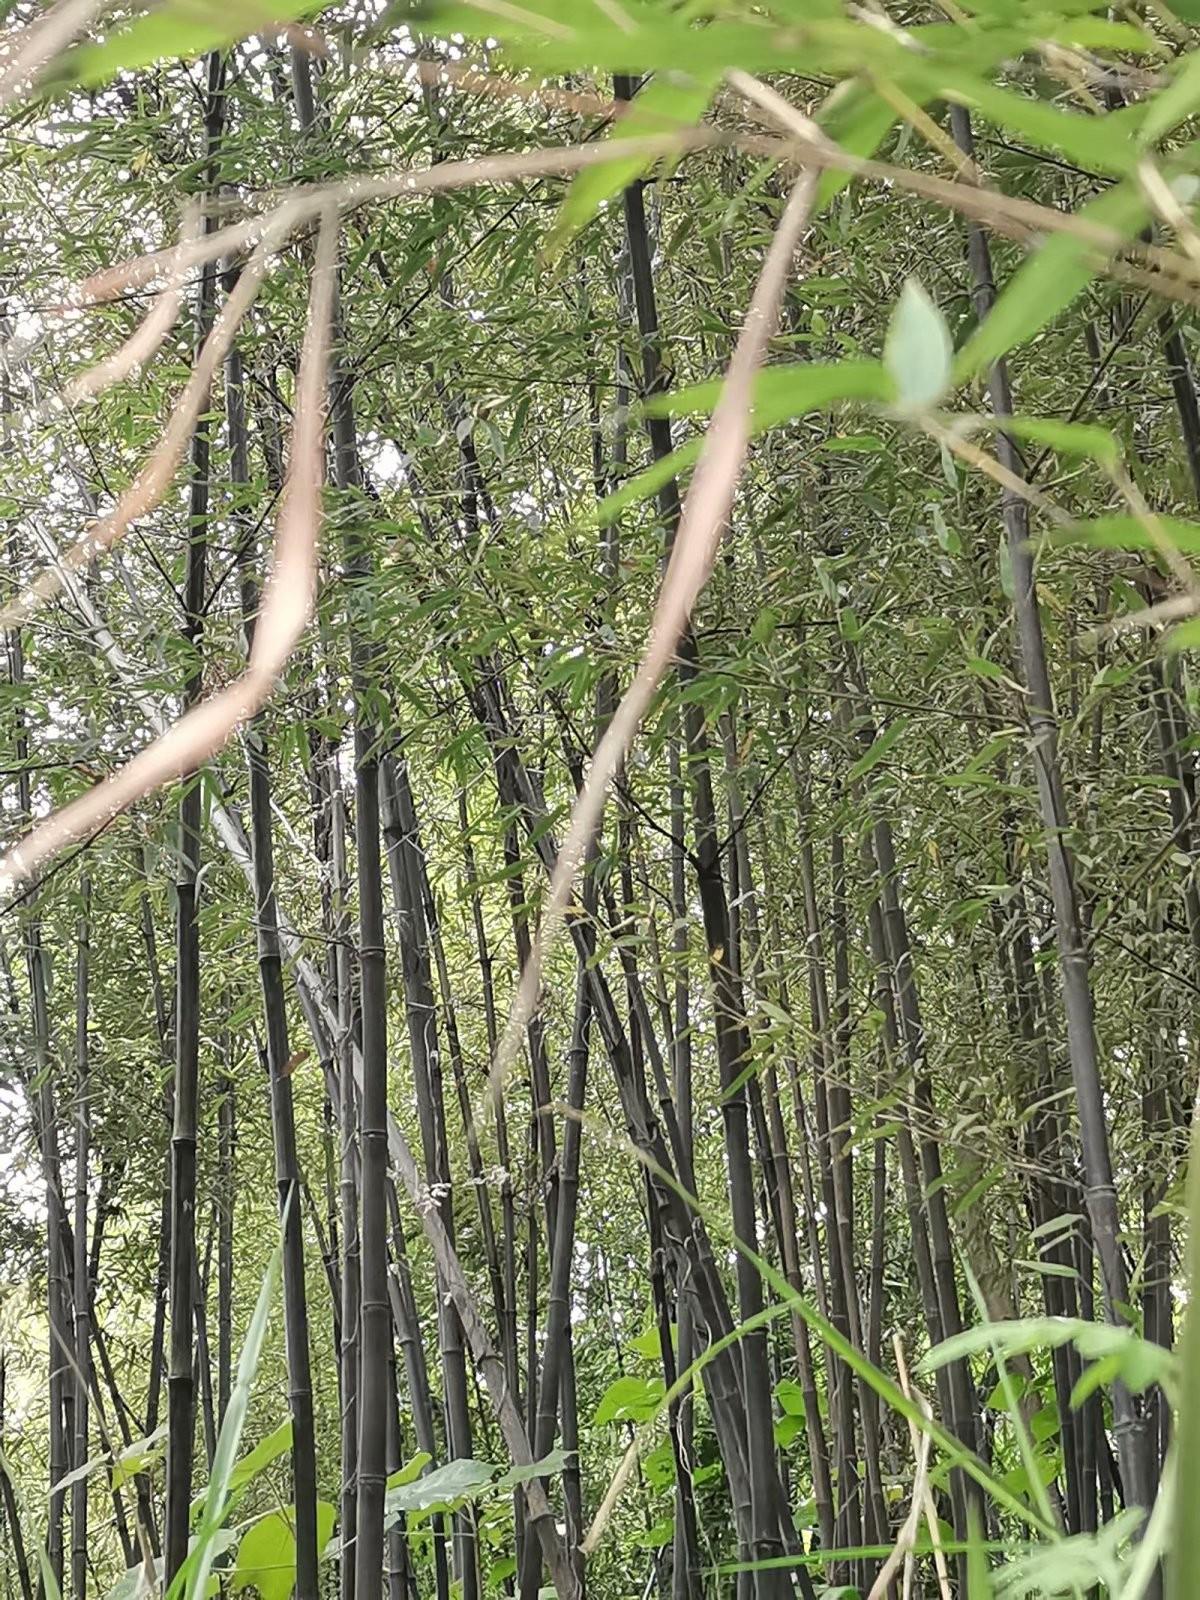 苏家老头哪里逃,黑色竹子找到了,罚你老酒三斗碗,快来了断别讨饶 ..._图1-4